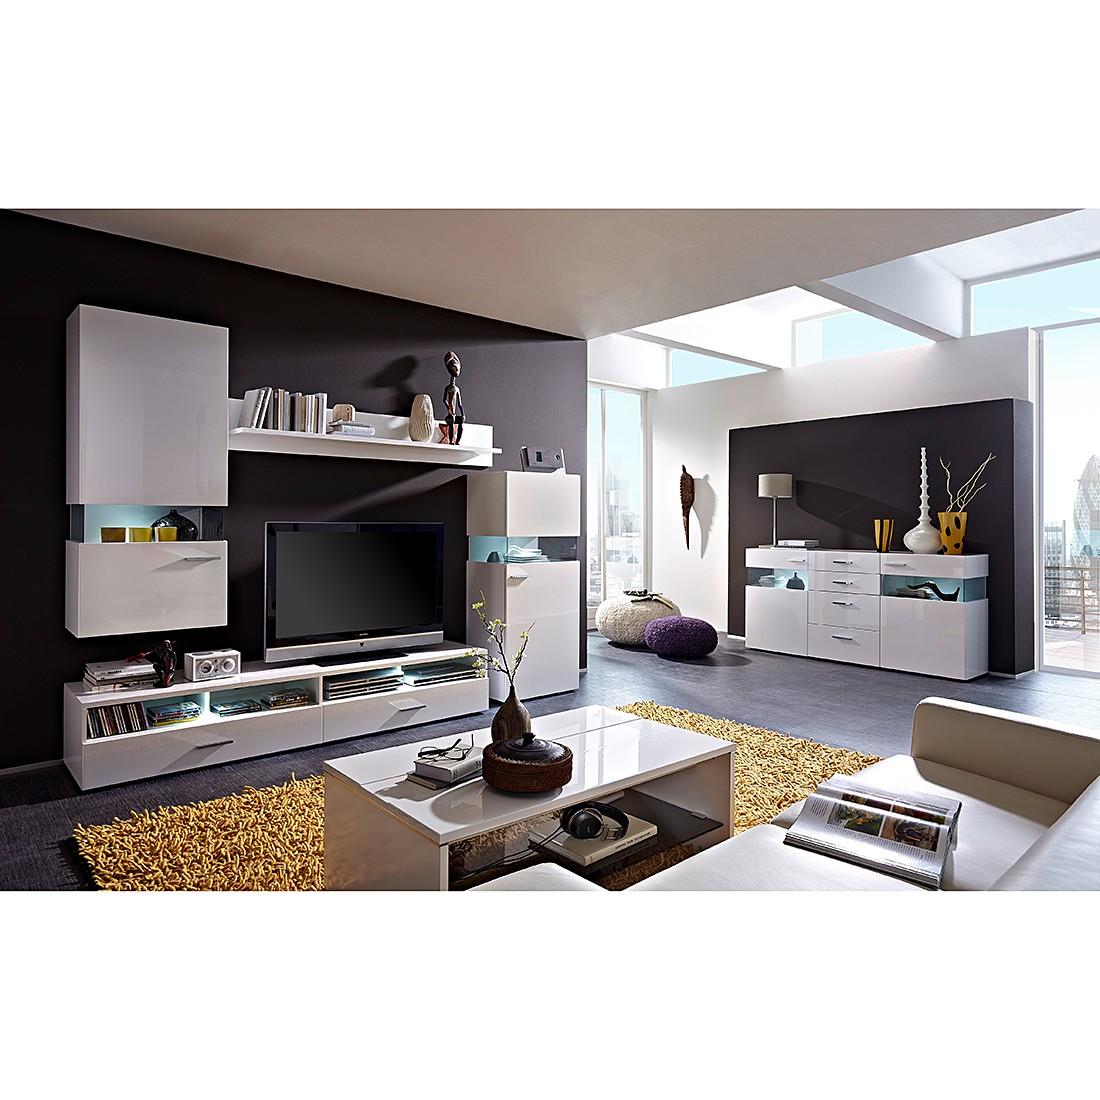 wohnw nde hochglanz grau g nstig kaufen. Black Bedroom Furniture Sets. Home Design Ideas